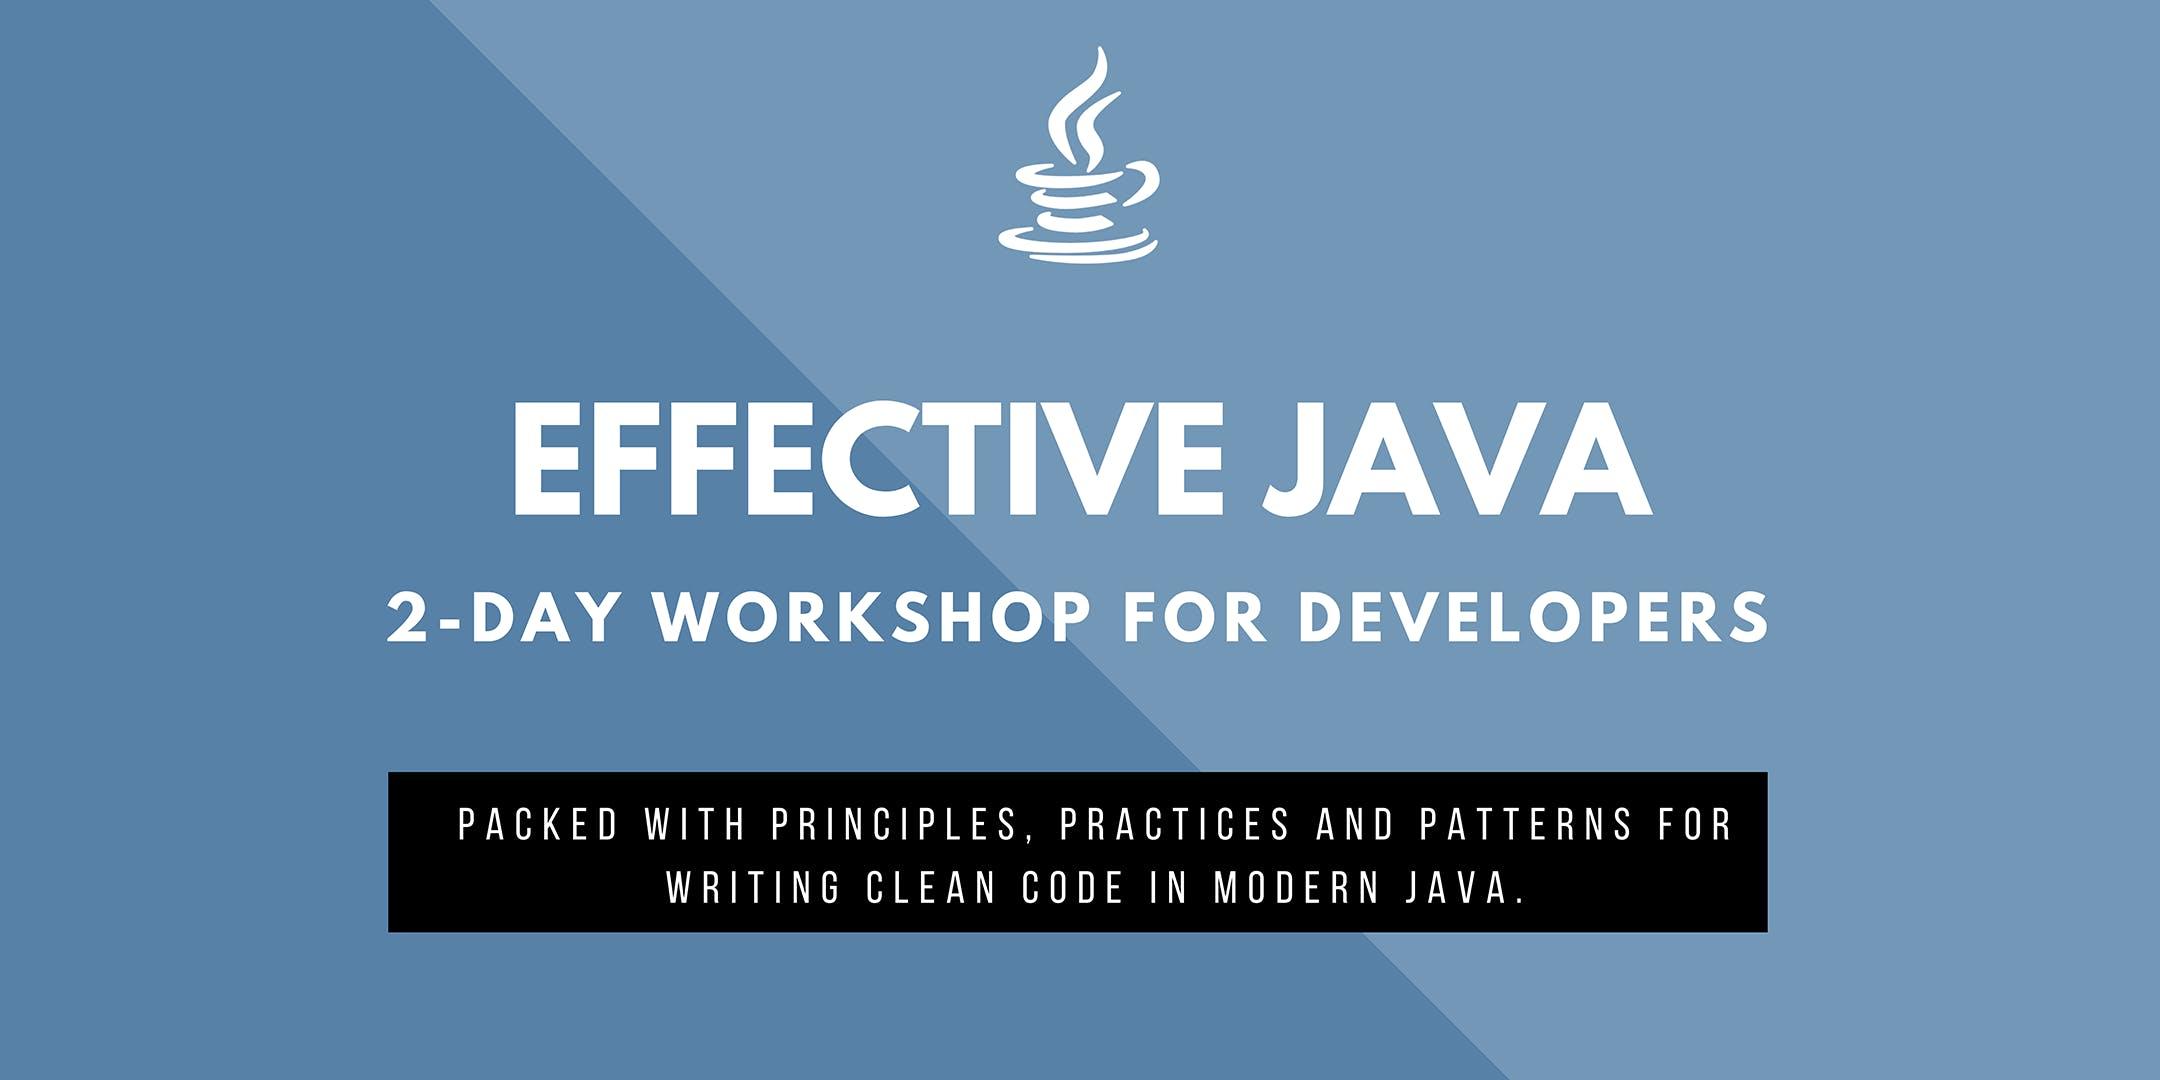 TOP Effective Java 10 for Developers (Krakw)